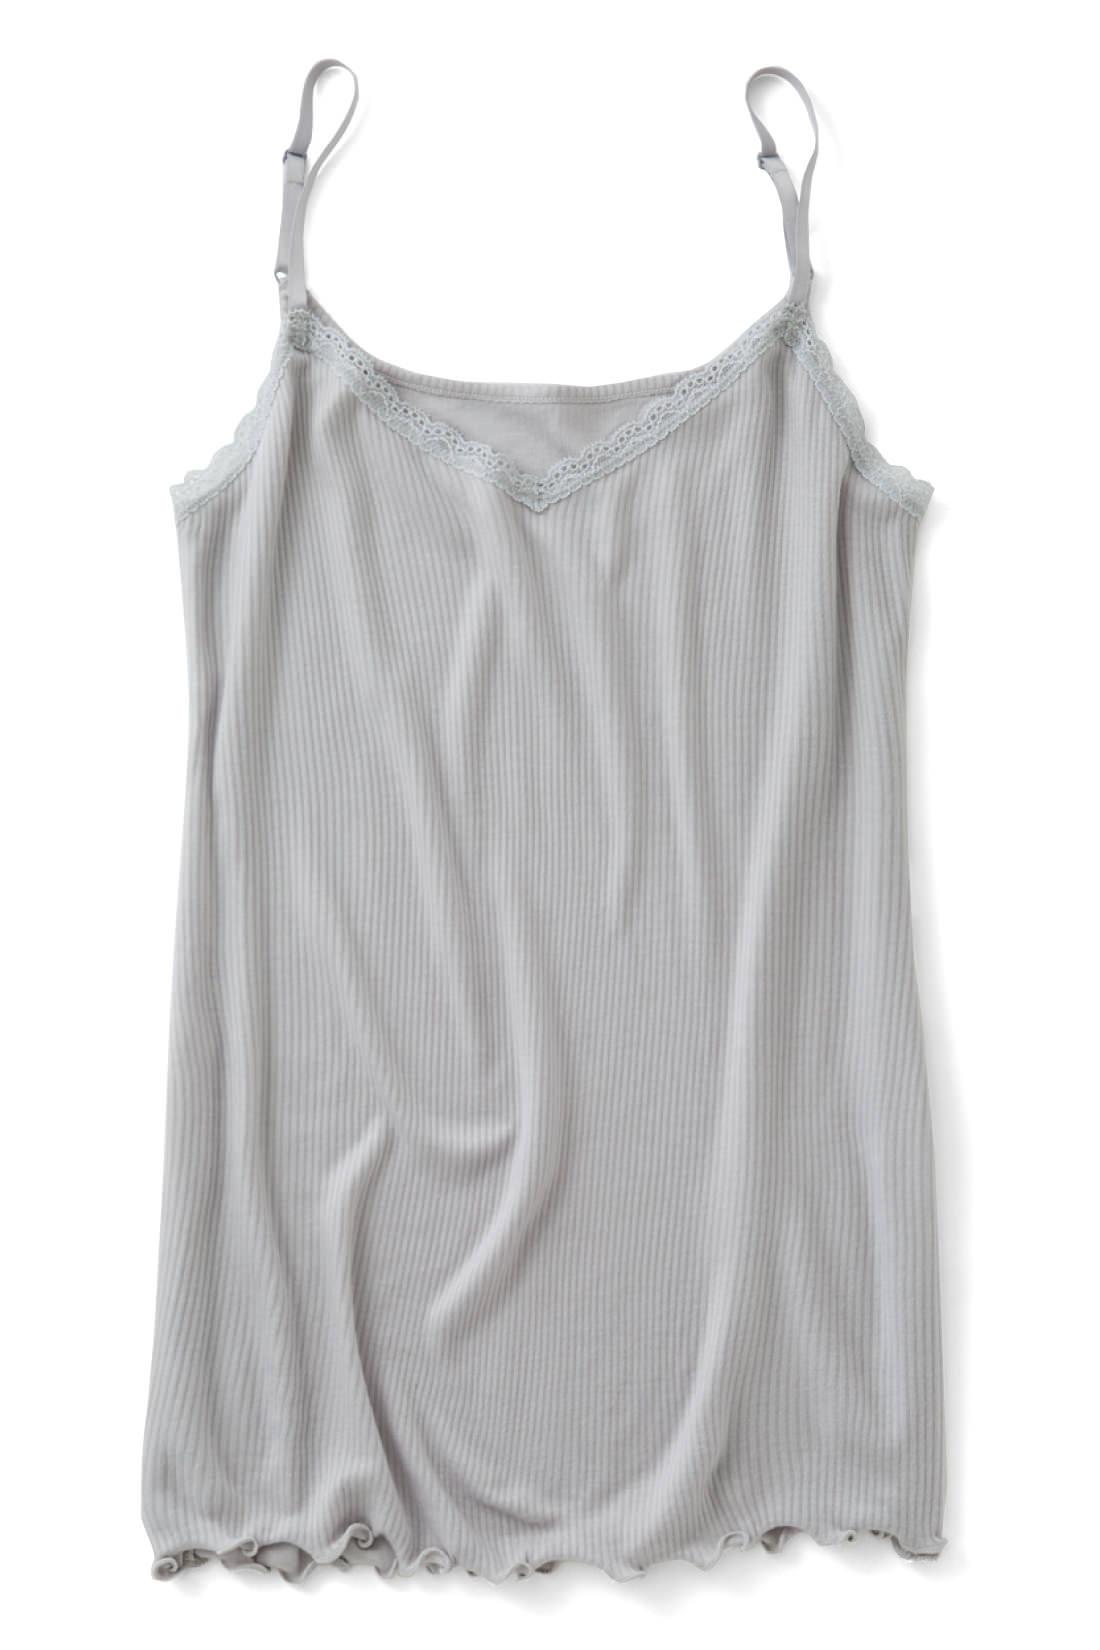 肩ひもで胸もとの開き具合を調節できます。